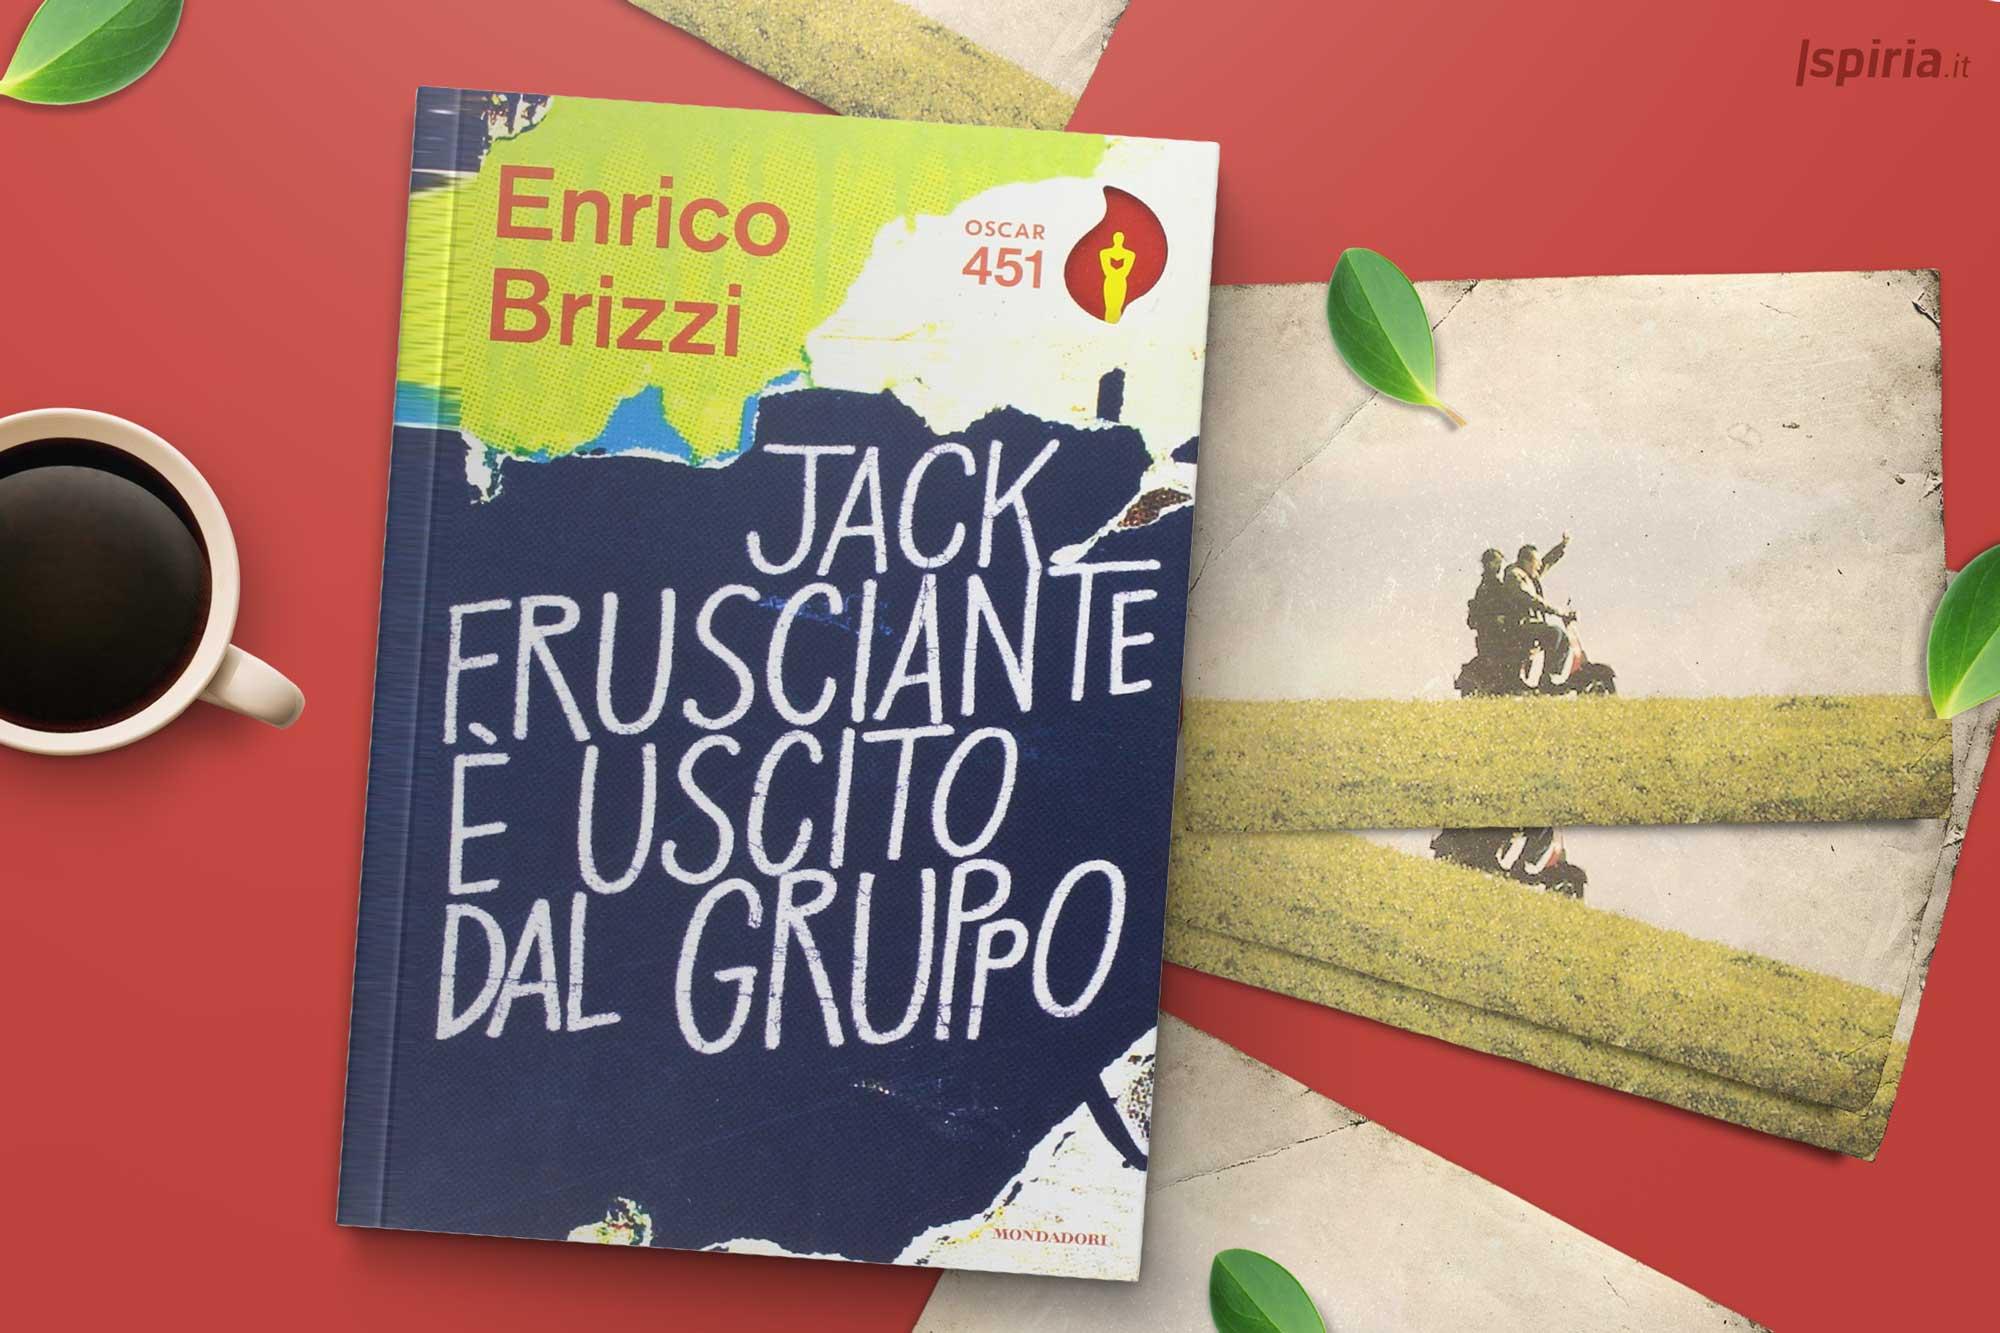 Migliori-libri-per-adolescenti-jack-frusciante-è-uscito-dal-gruppo